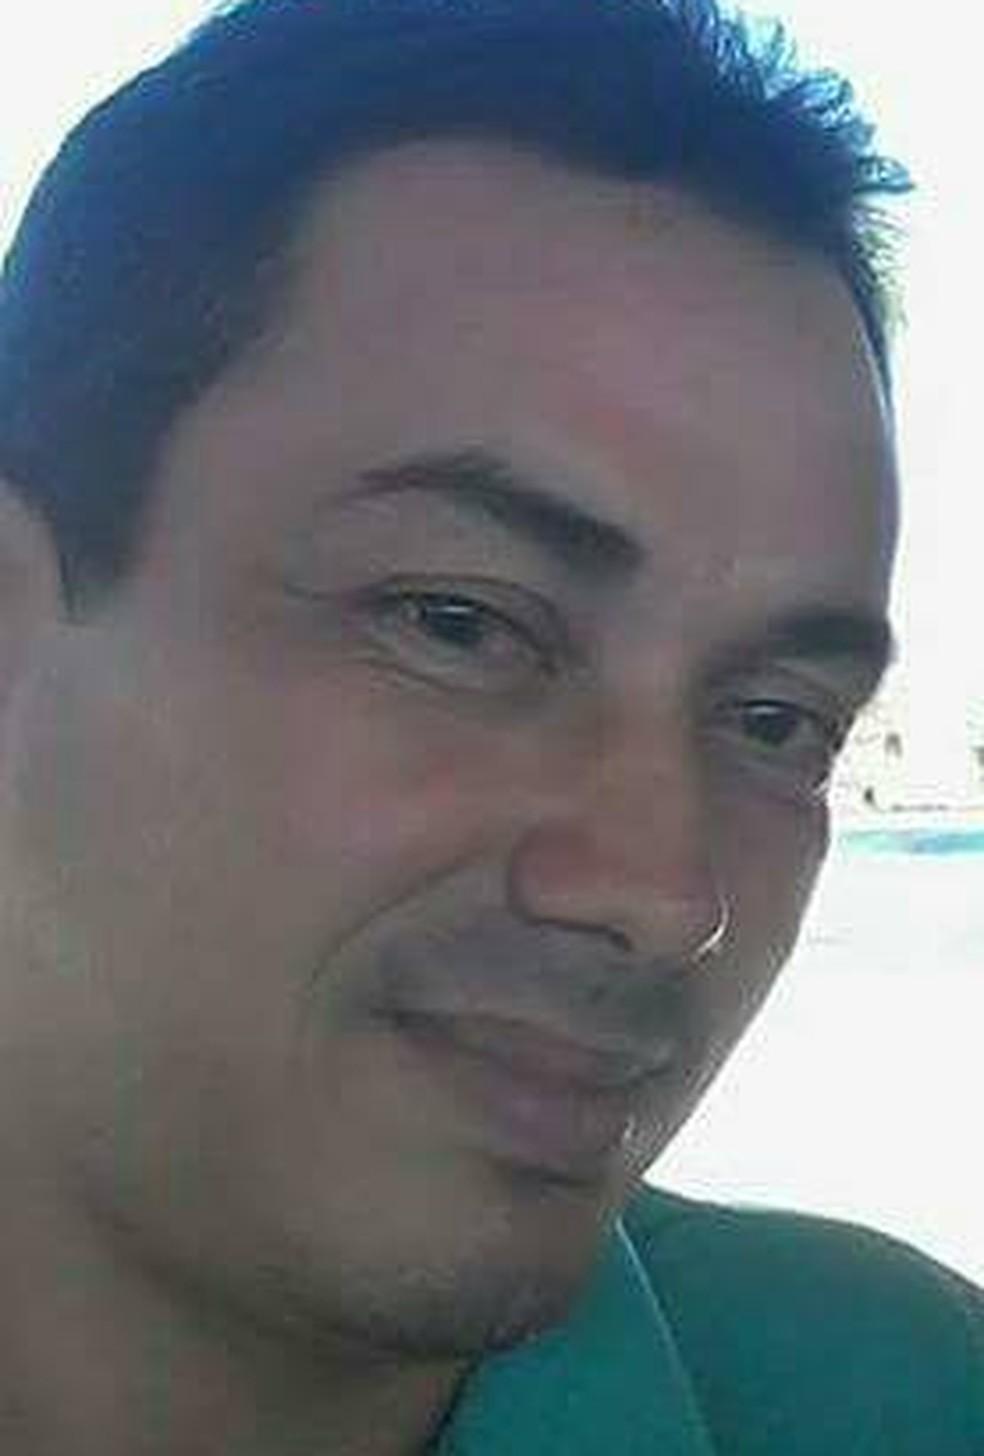 Policial morreu em troca de tiros em Milhão, no Ceará (Foto: Arquivo pessoal)